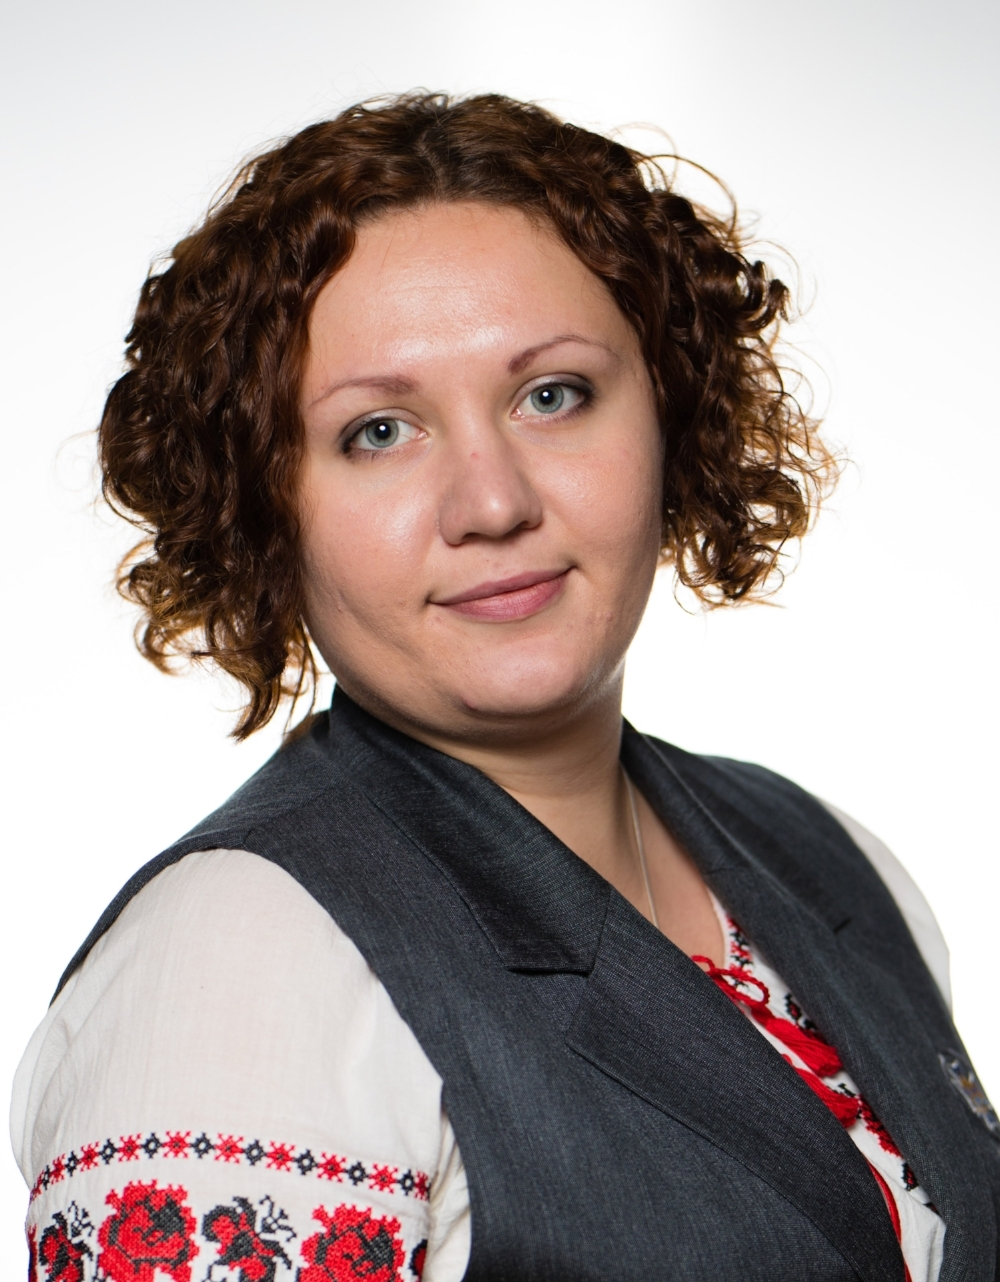 ПОТАПЧУК Юлія Олегівна - вчитель початкових класів, куратор 2 класуМає сертифікат з упровадження нового Державного стандарту початкової освіти